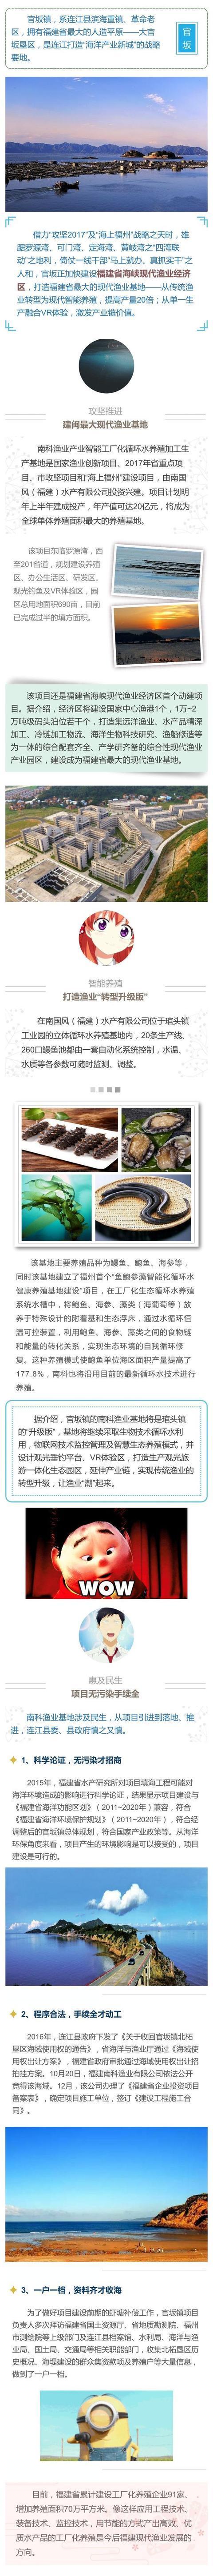 """連江打造福建省最大現代漁業基地 讓漁業""""潮""""起來~"""